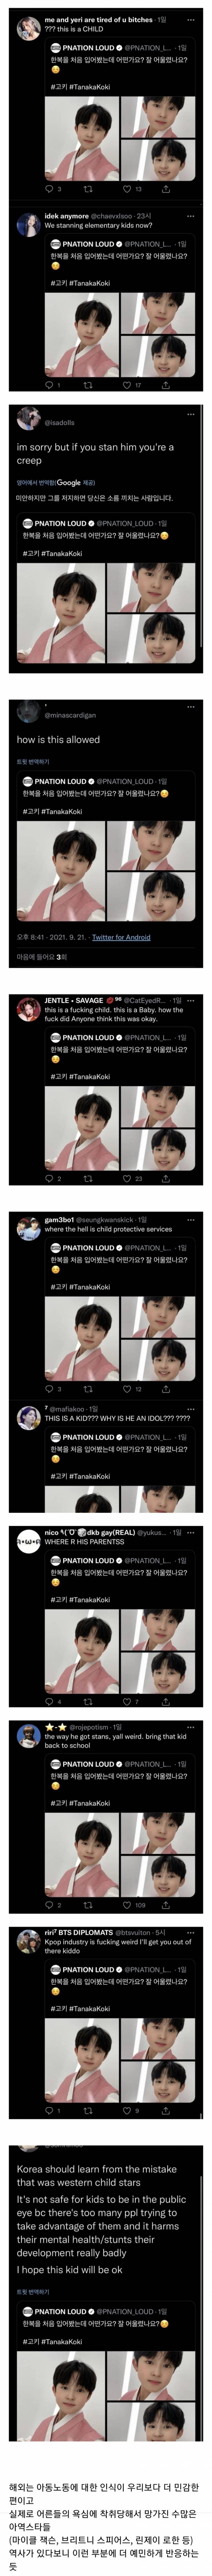 해외 k-pop 팬들 사이에서 반응 심각하게 안 좋은 싸이네 남돌 초등학생 셀카 | 인스티즈